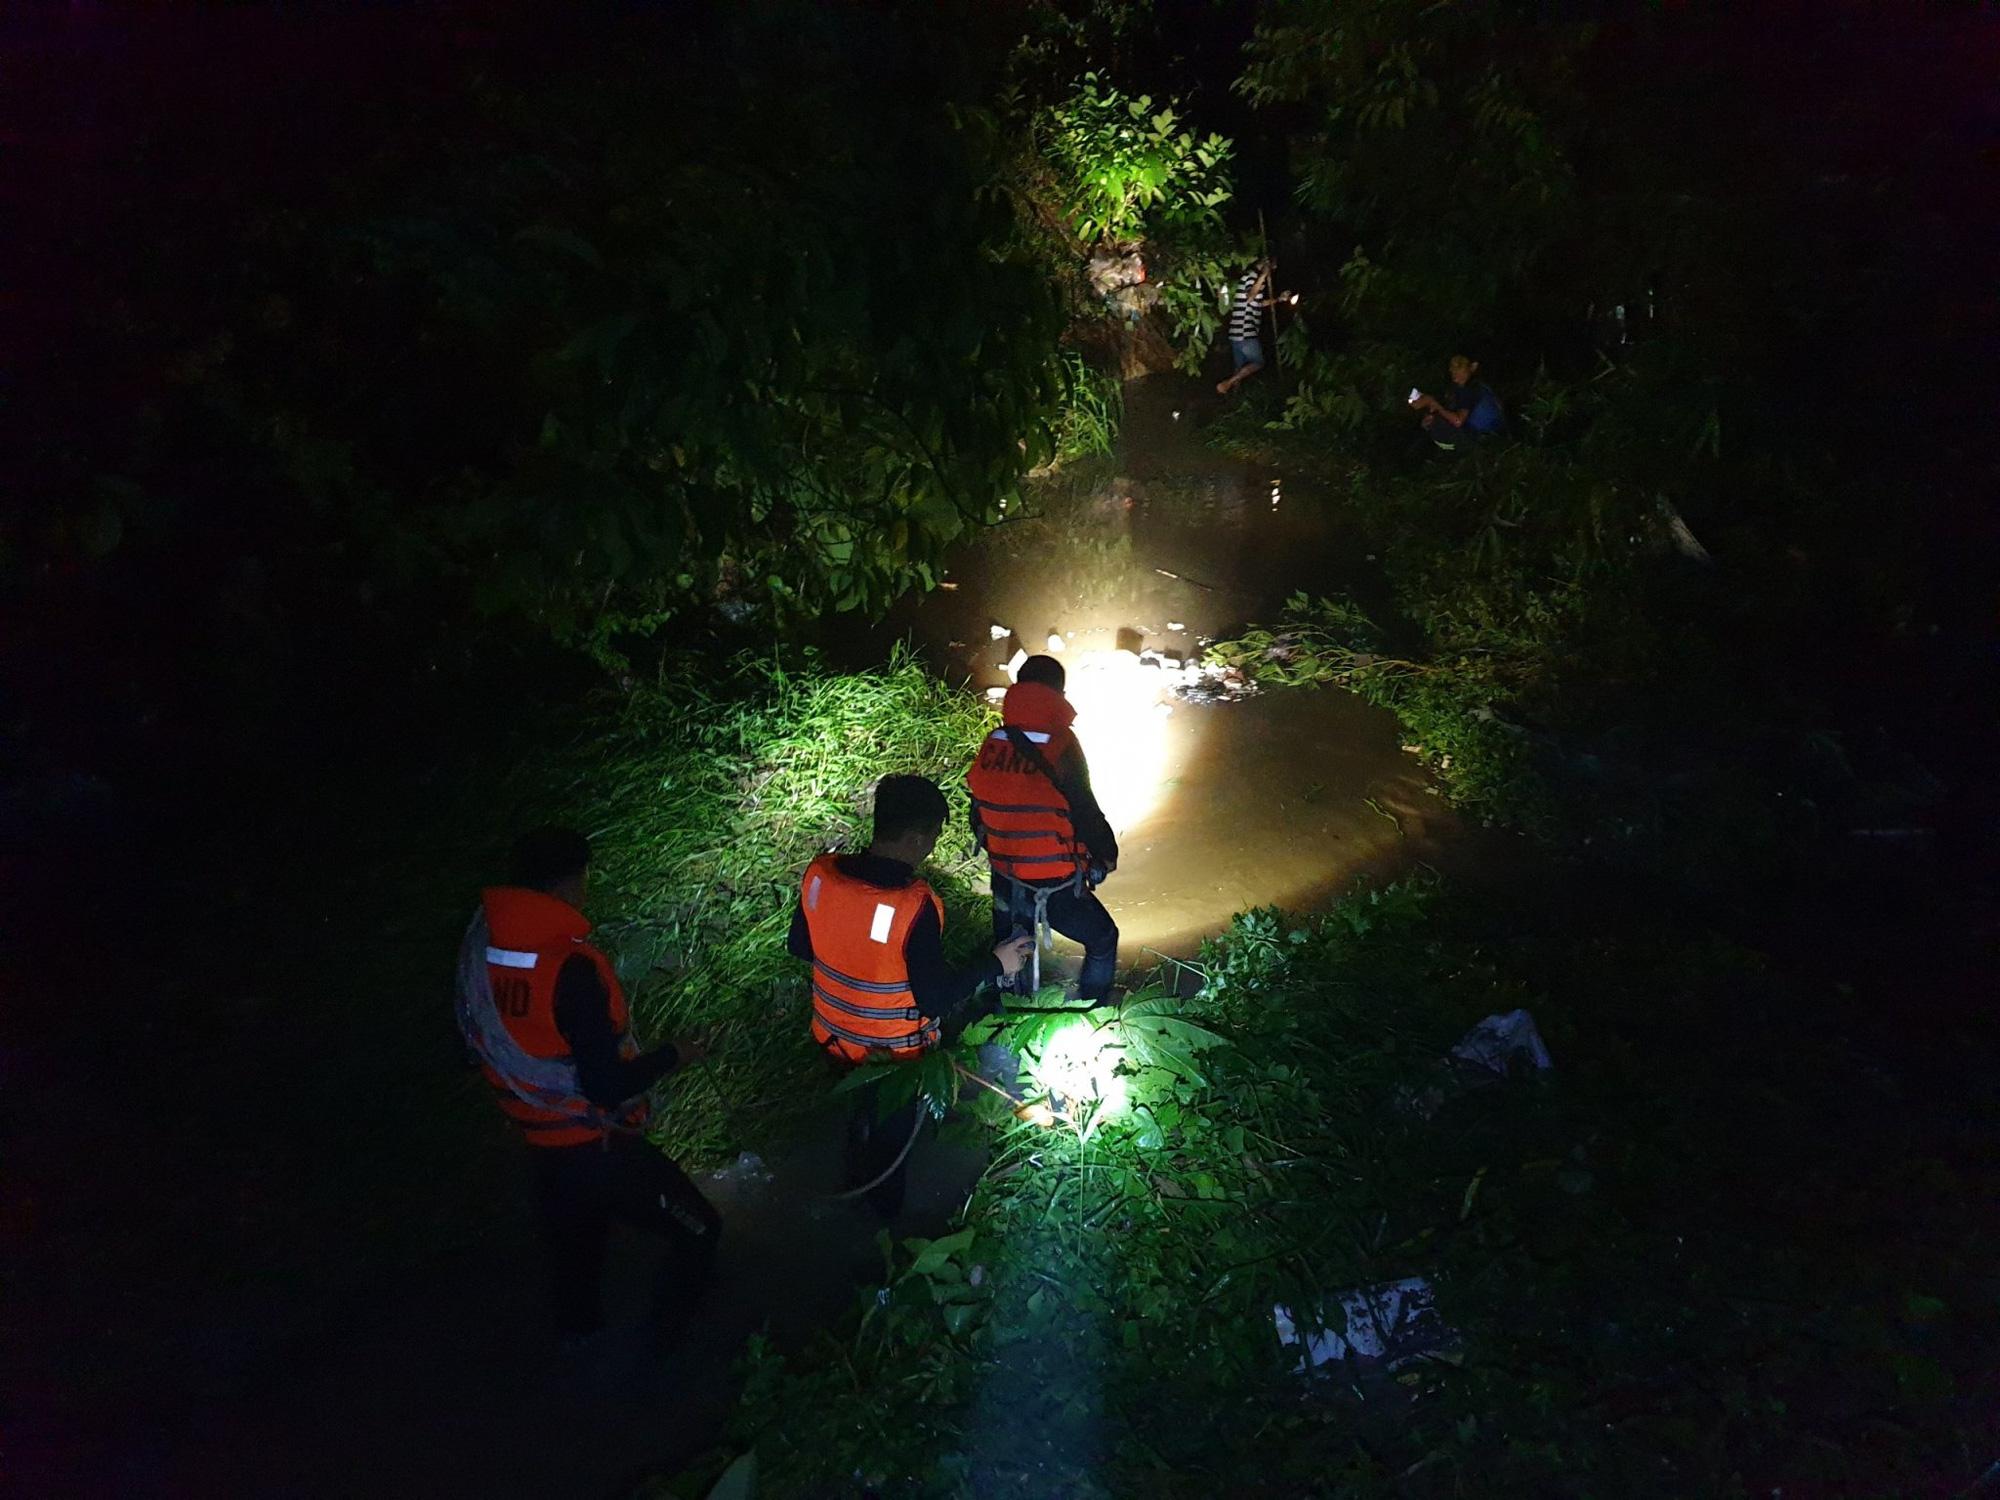 Trắng đêm tìm kiếm nhưng bé trai 4 tuổi bị nước dưới mương cuốn đi giữa trời mưa lớn vẫn biệt tăm - Ảnh 1.